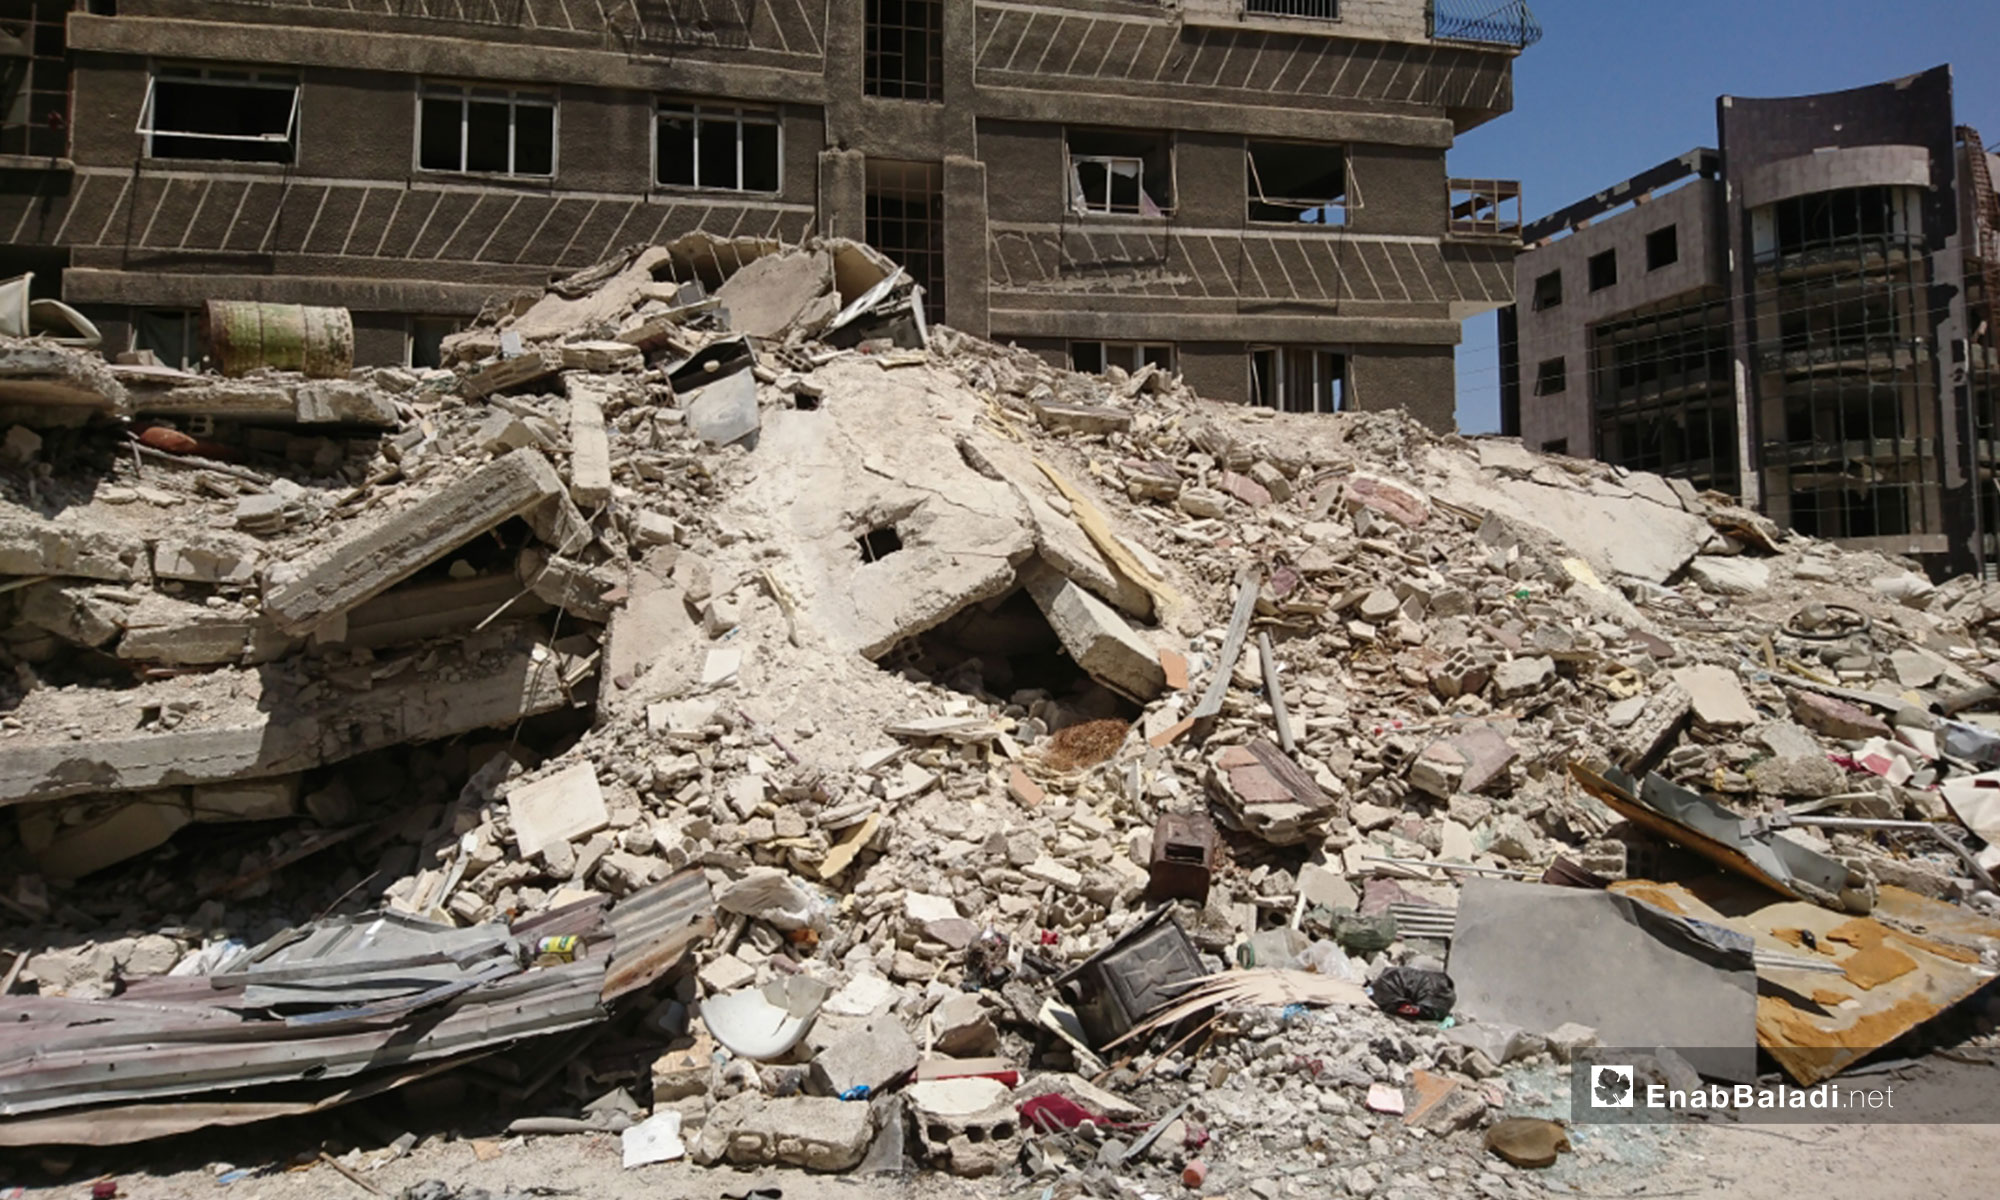 آثار الدمار في مدينة كفر بطنا بالغوطة الشرقية - 11 من آب 2018 (عنب بلدي)